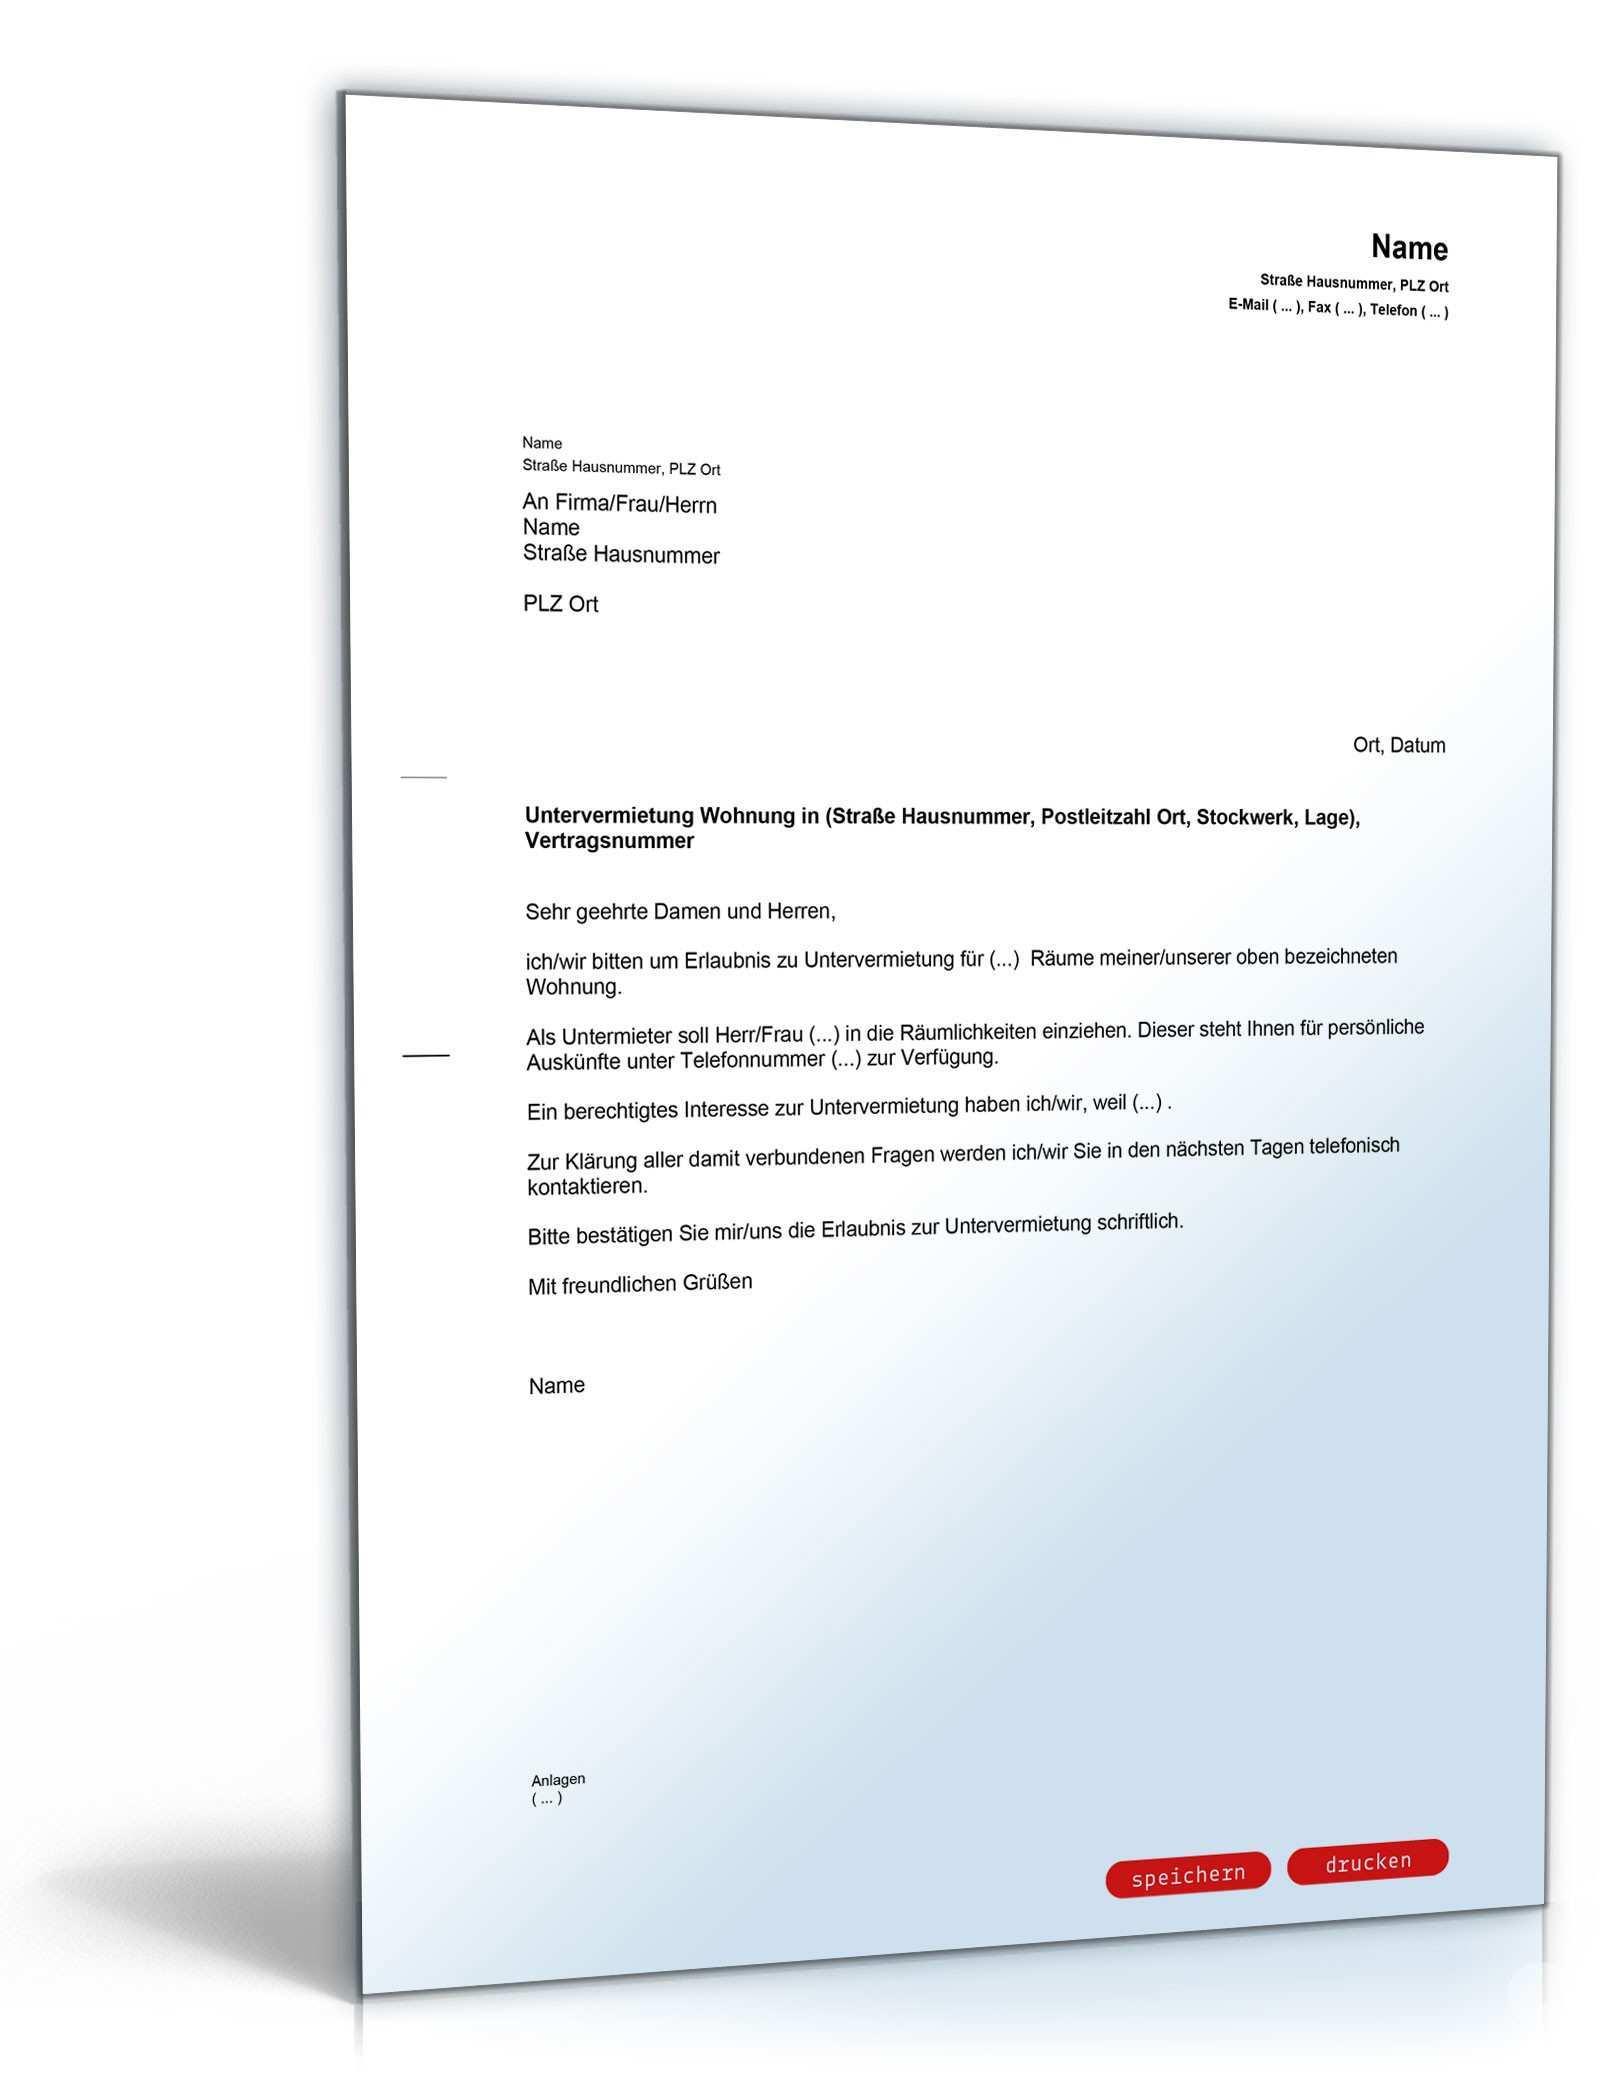 Formloser Antrag Untervermietung Vorlage Zum Download